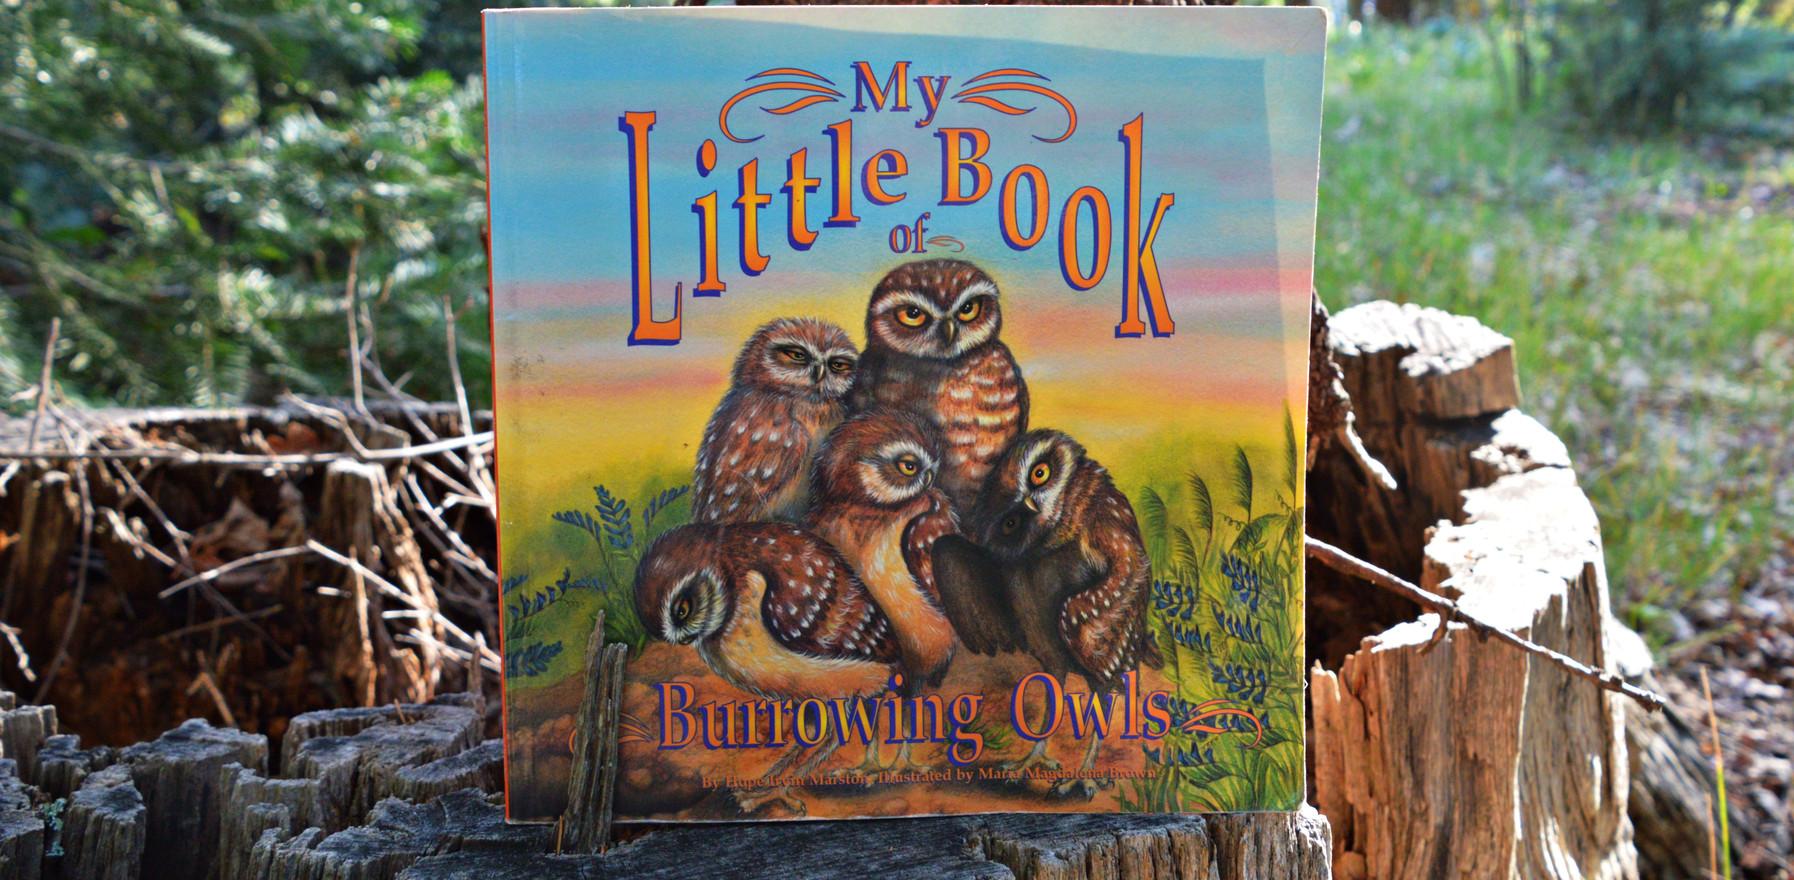 LETMN Reads My Little Book of Burrowing Owls!